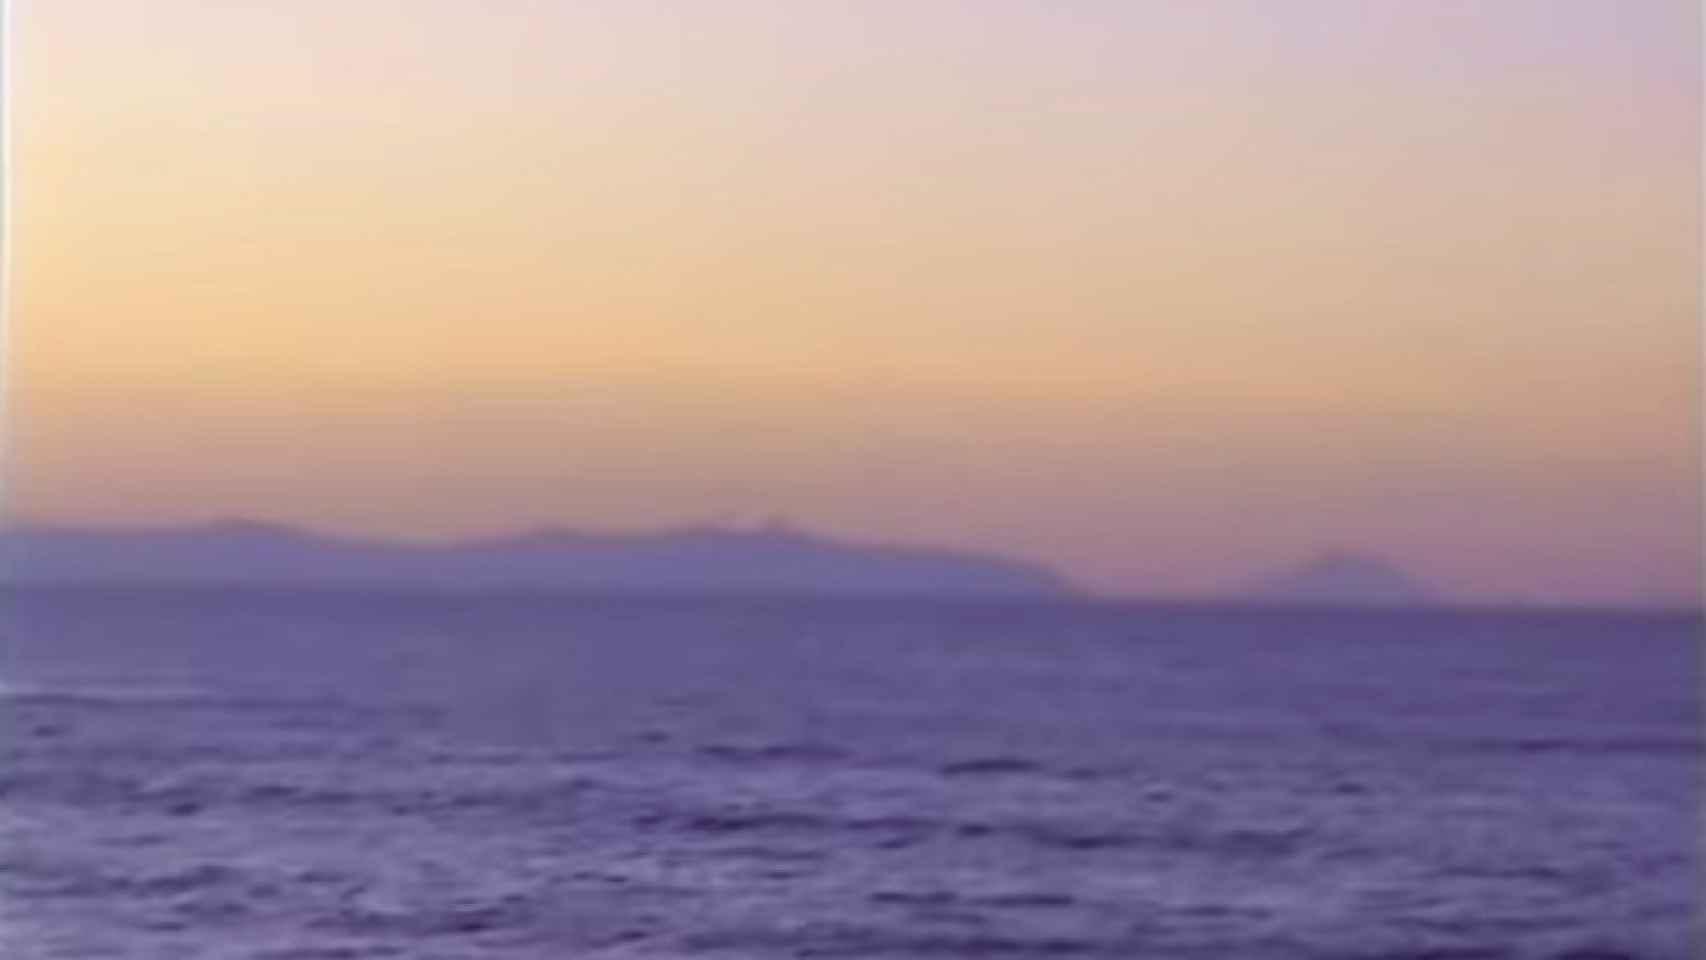 El Misterio De San Borondón La Misteriosa Isla Canaria Que Desapareció Sin Dejar Rastro